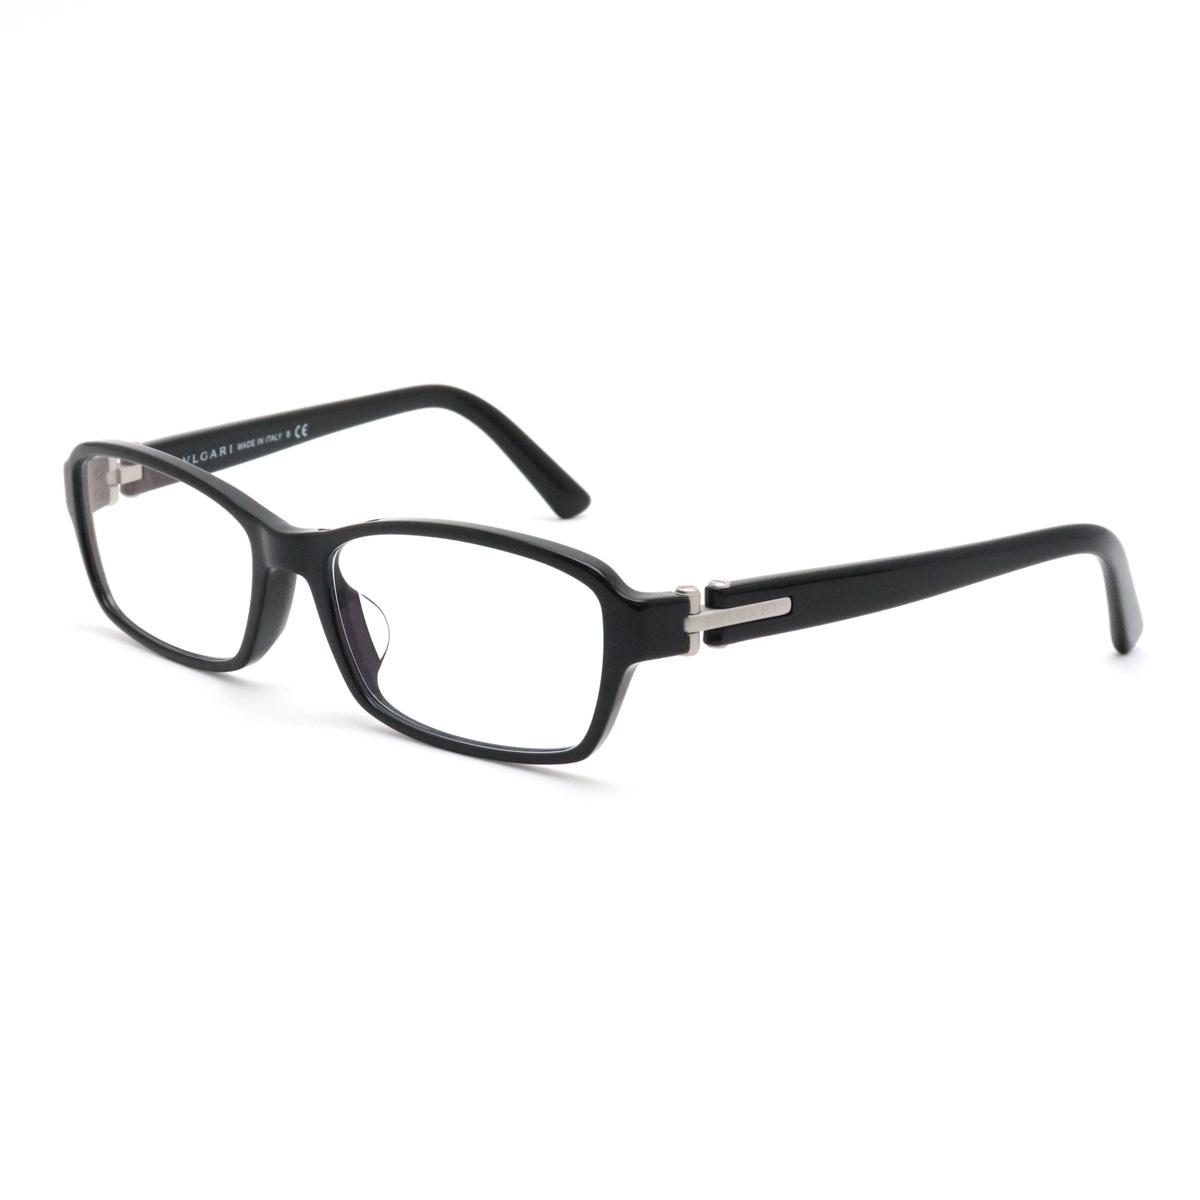 BVLGARI ブルガリ BVLGARI ブルガリ 眼鏡 めがね メガネ ブラックフレーム スクエア ブルーライトカットレンズ 黒 56□17 140 3025-D 【中古】